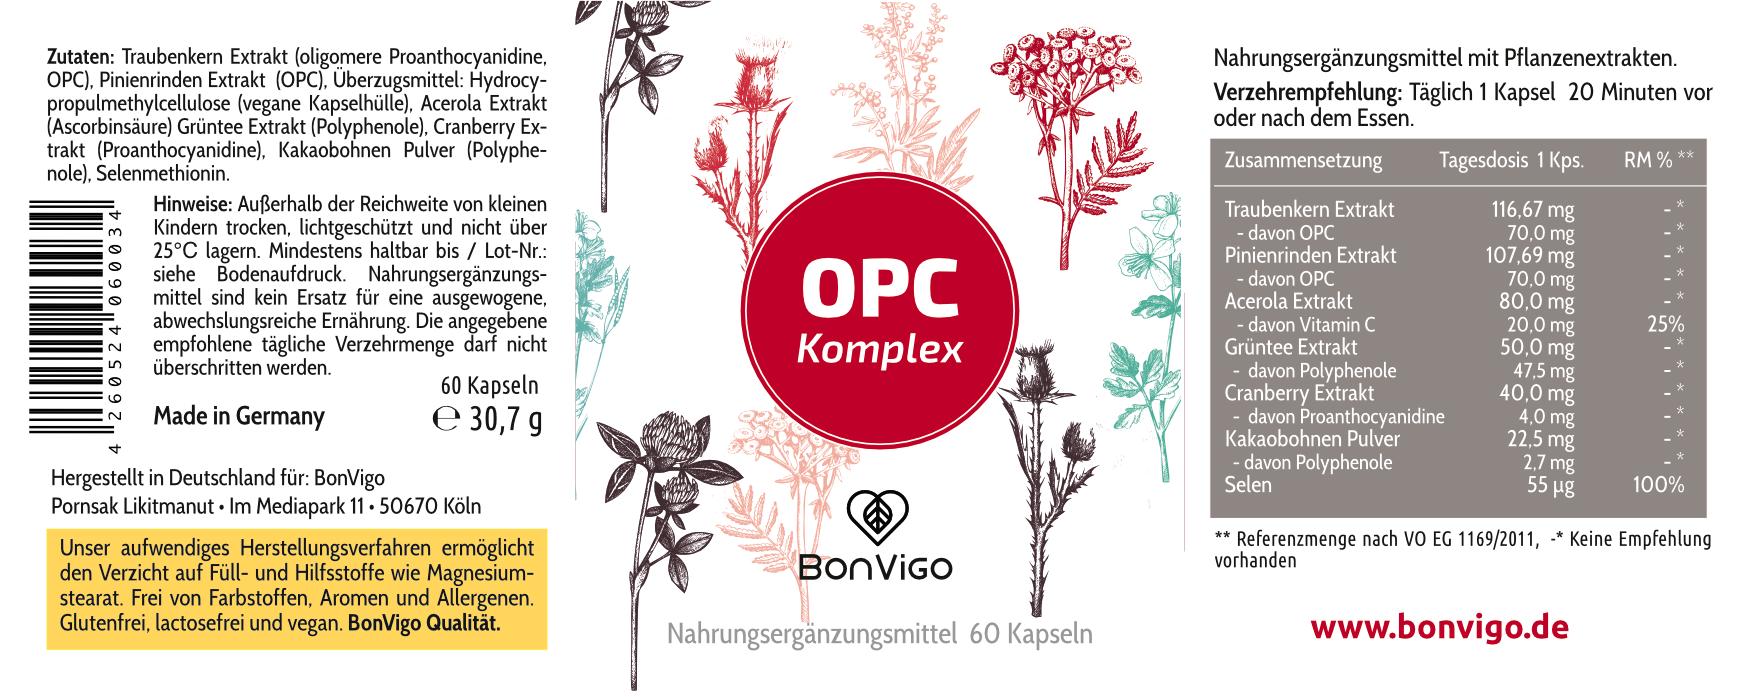 Etikett BonVigo OPC Natur Komplex Lady Linie